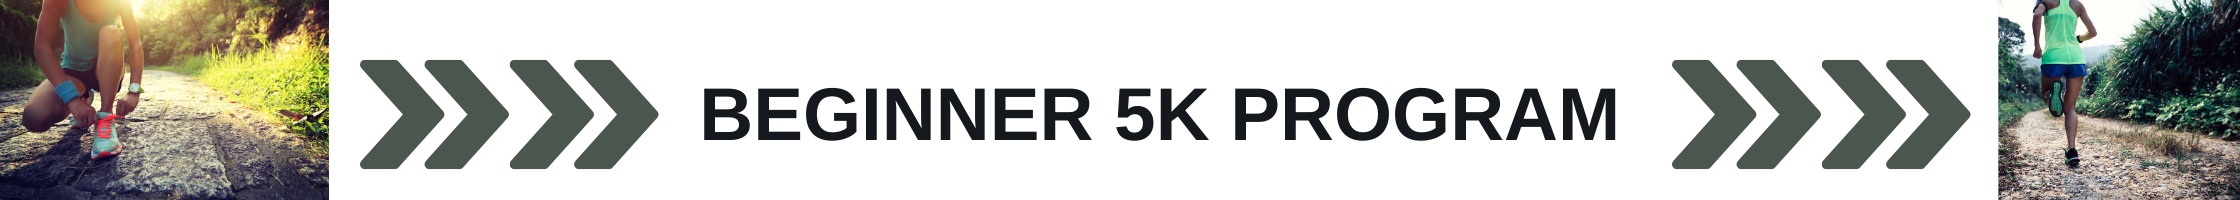 BEGINNER 5K PROGRAM